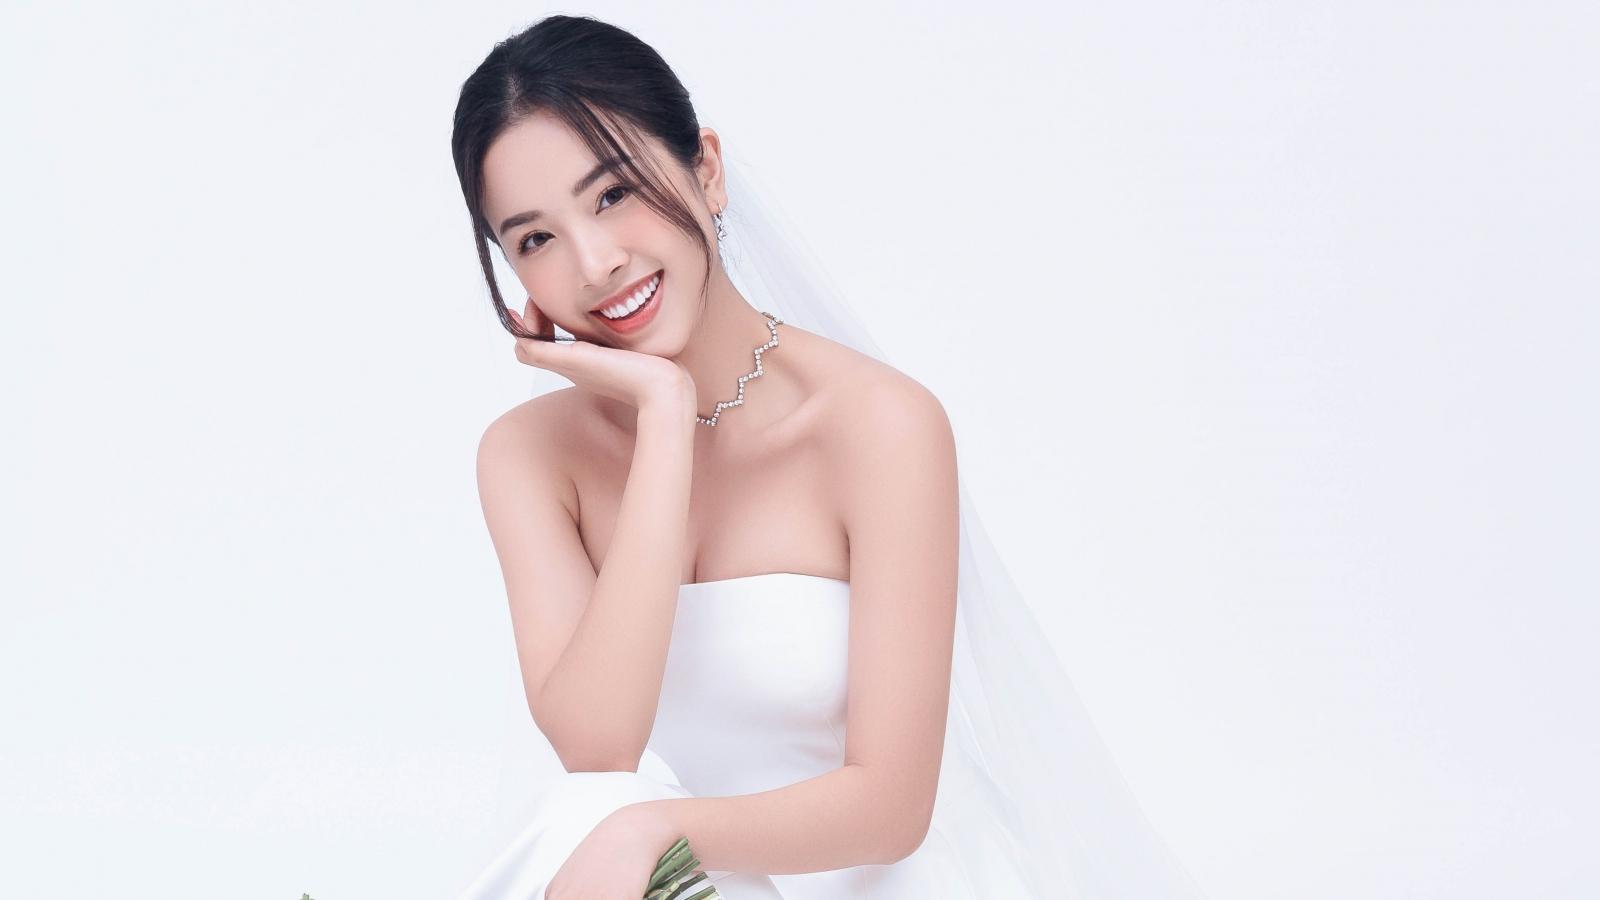 Á hậu Thuý An tung ảnh cưới, công bố ngày lên xe hoa bên bạn trai